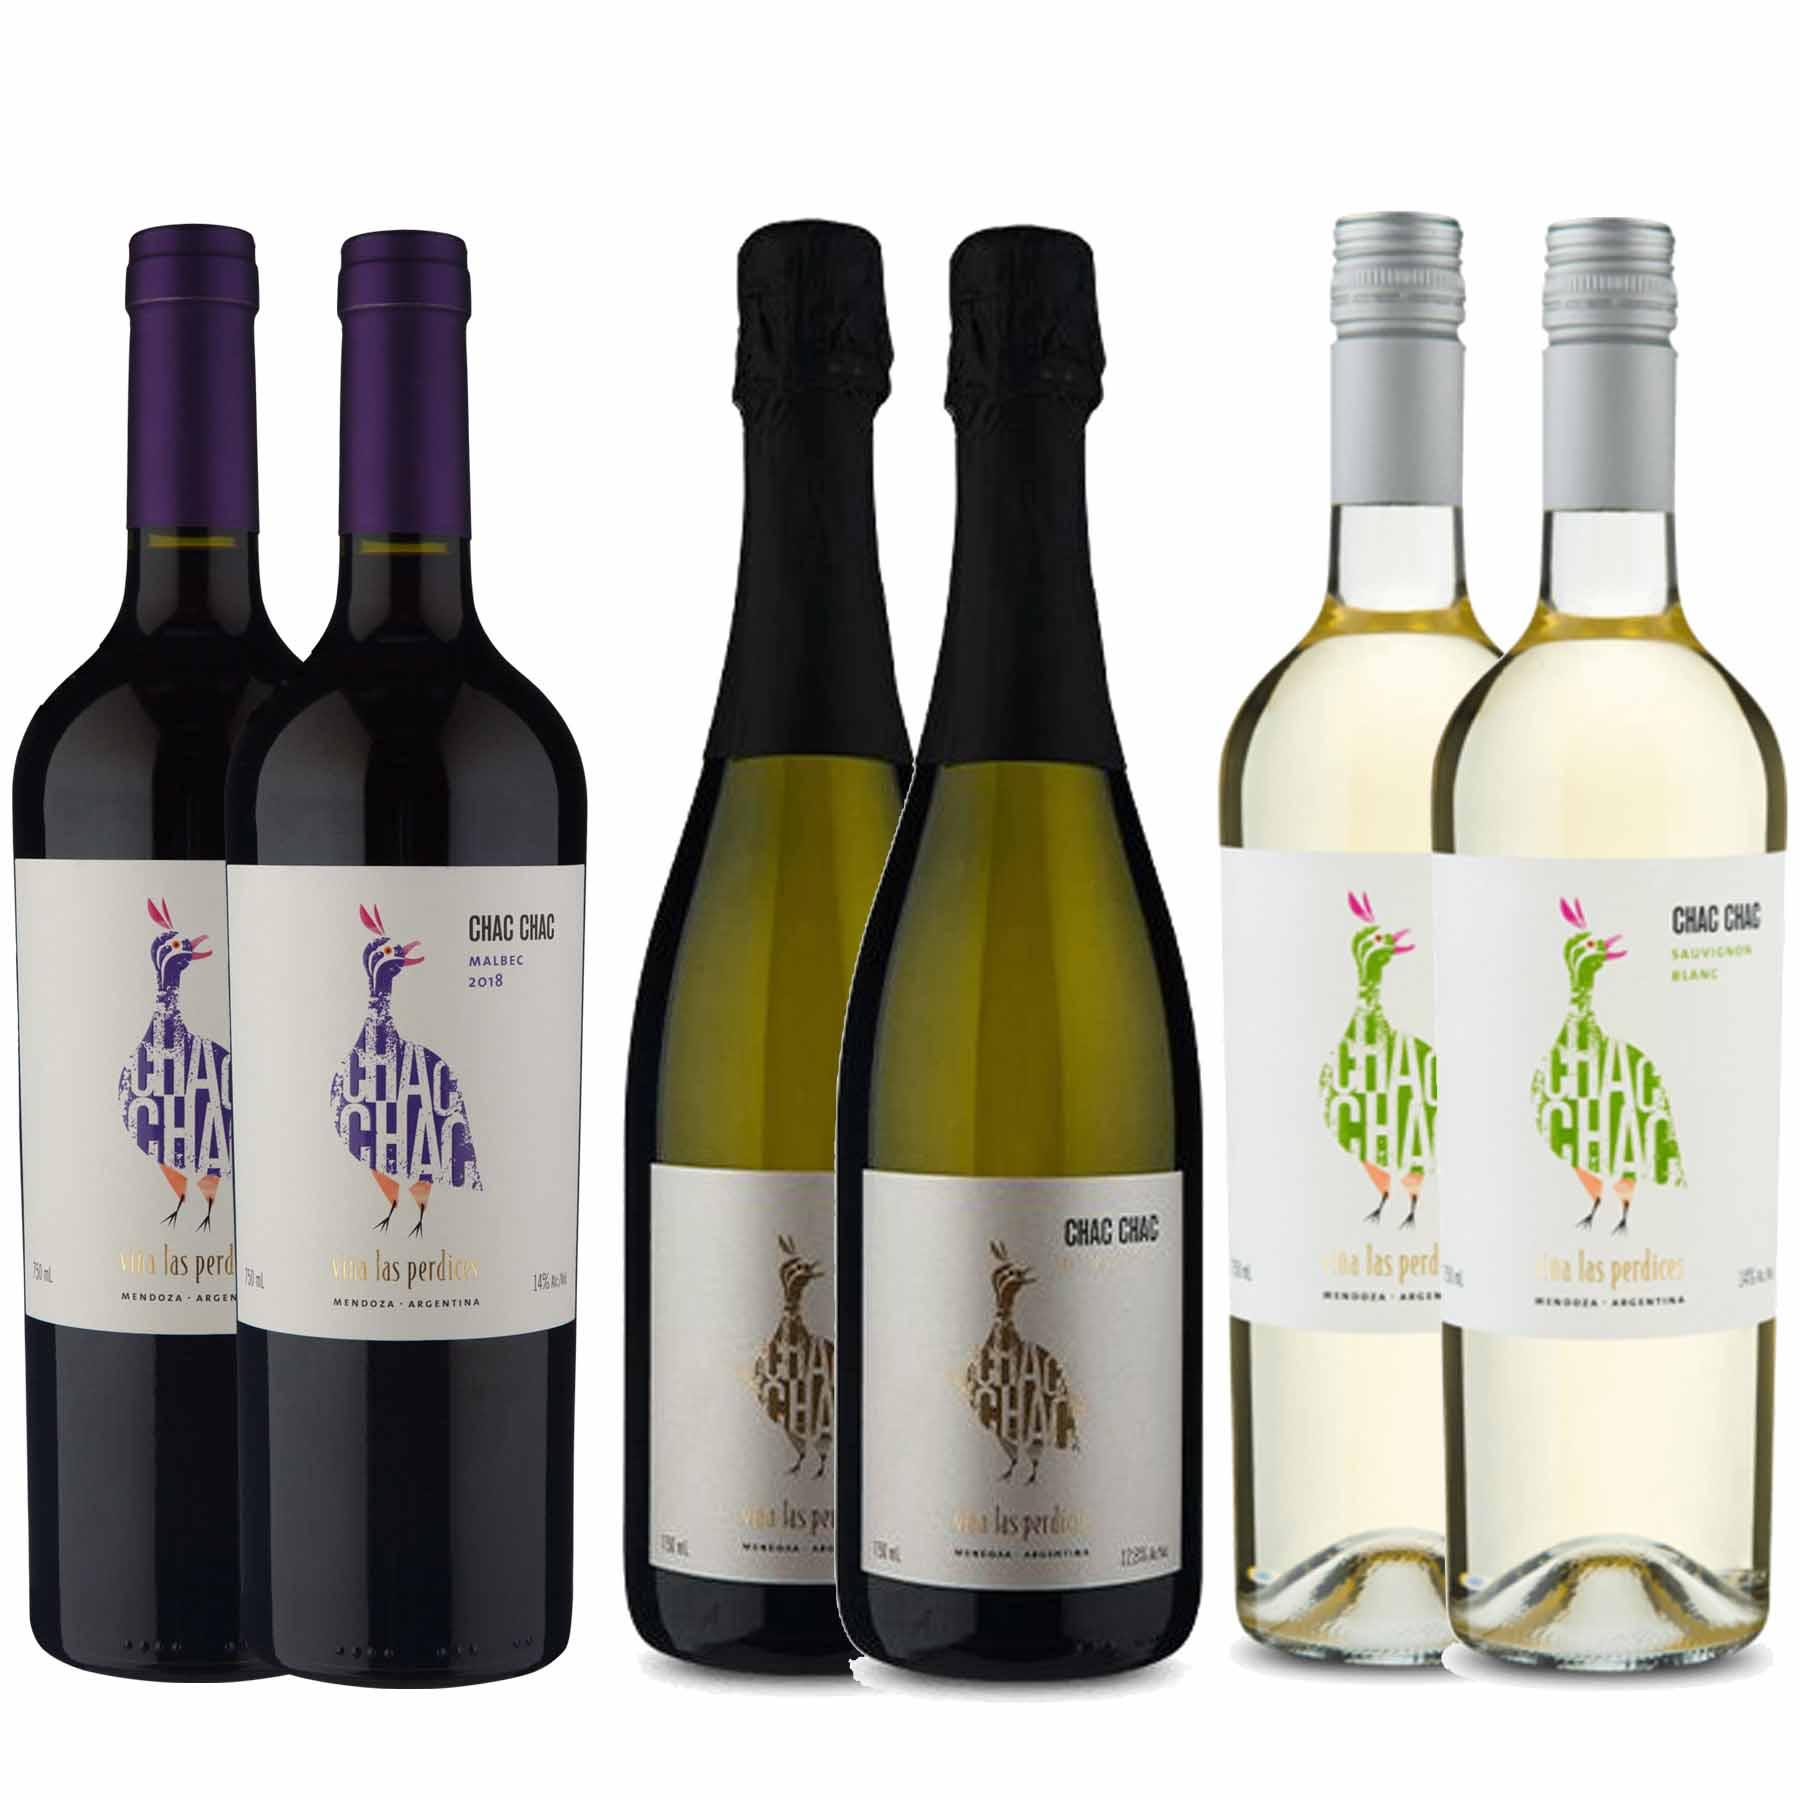 Kit 6x Vinho Tinto Argentino ChacChac Tinto/Branco/Espumante